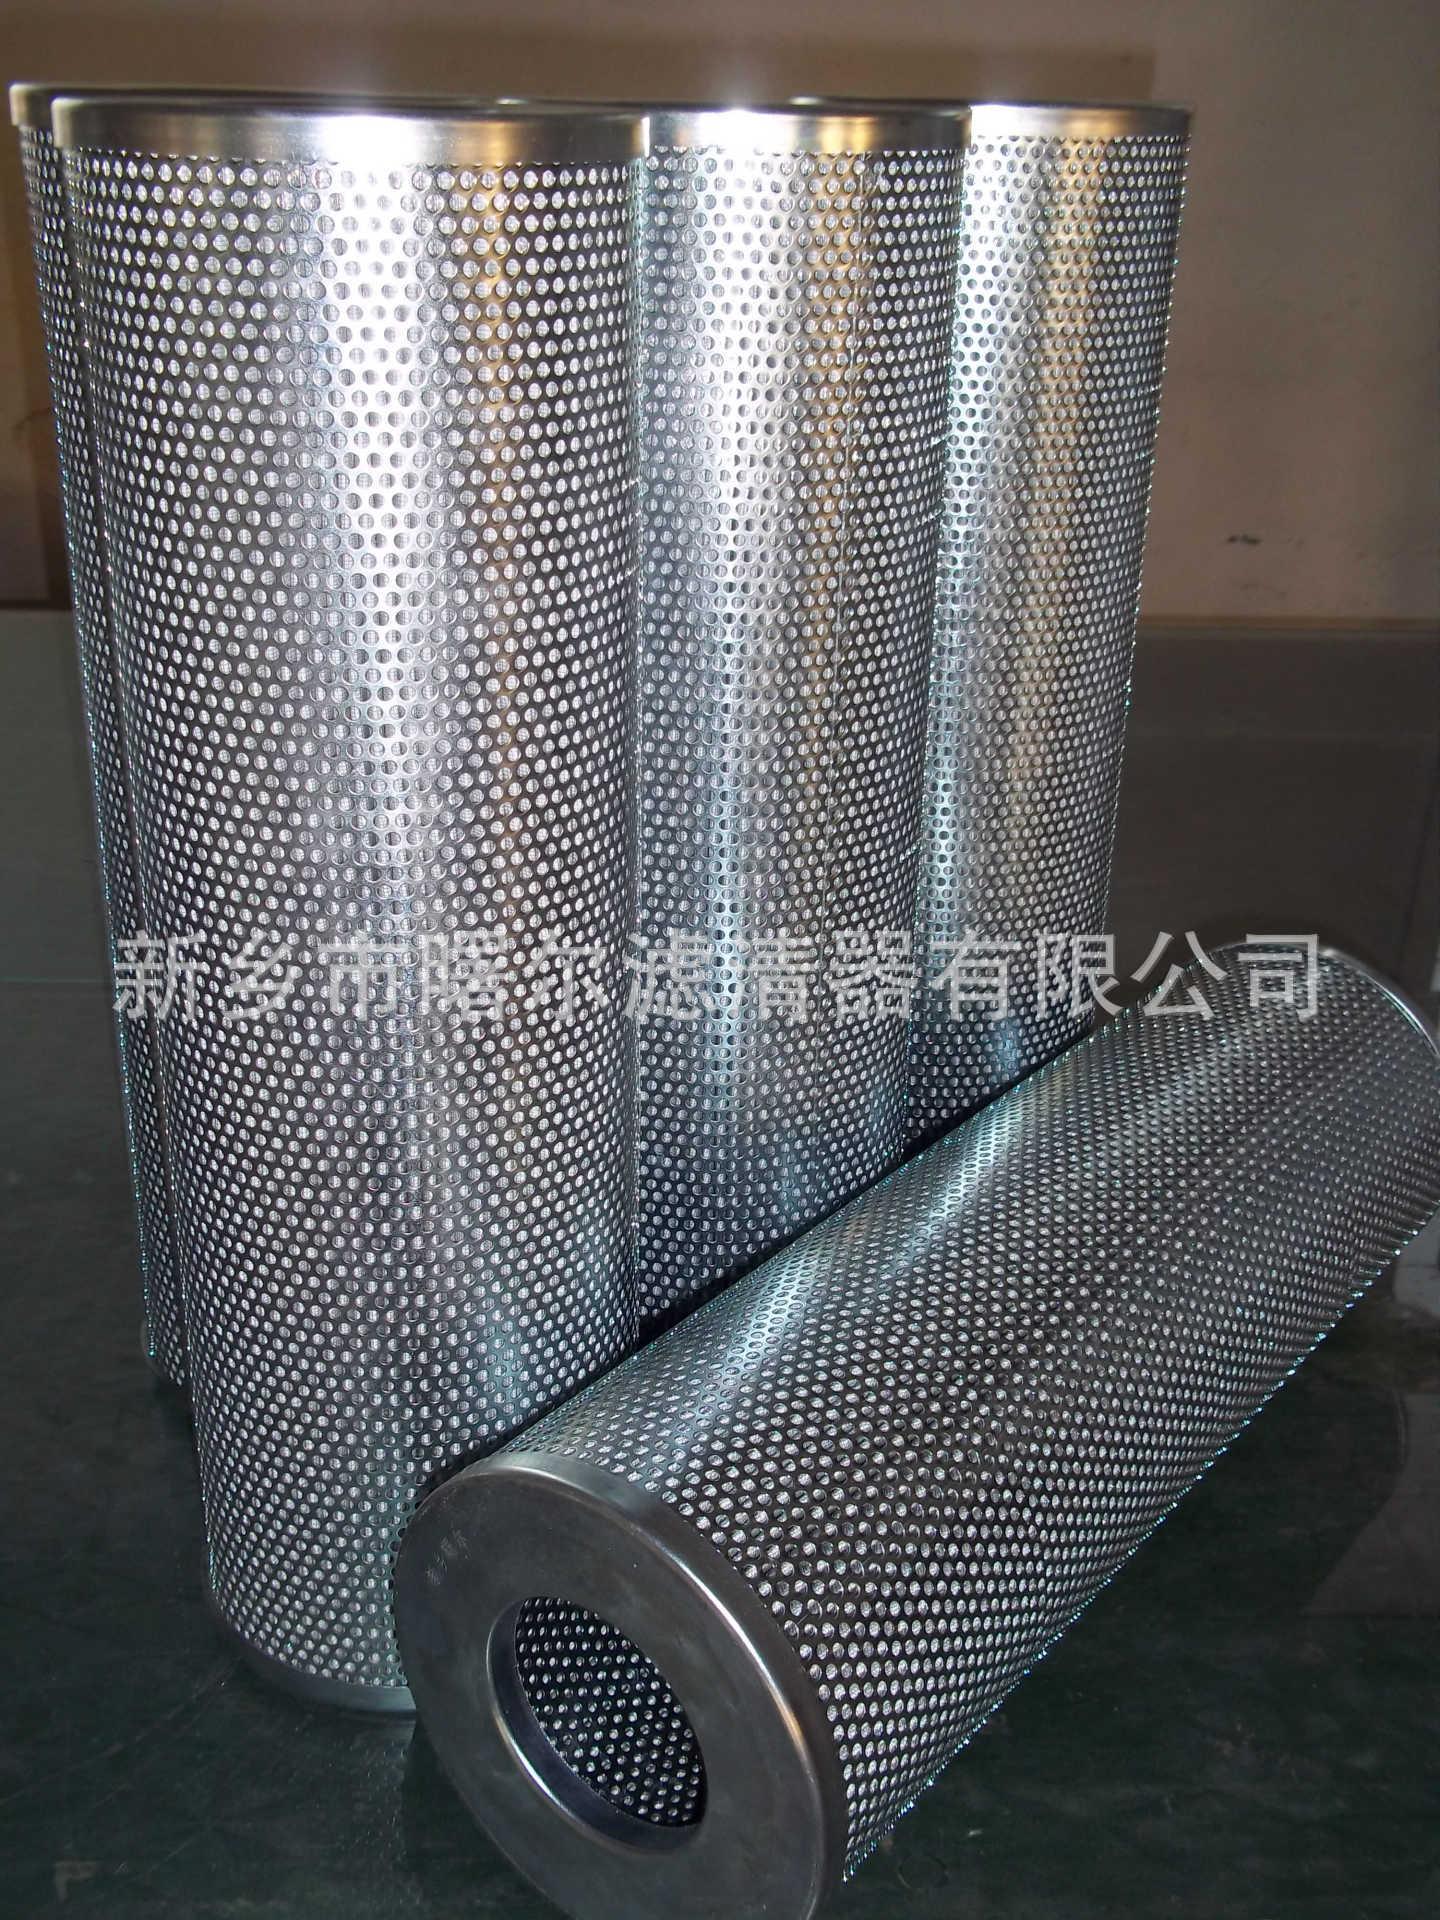 【热销】供应贺德克HYDAC滤芯0030R020BN3HC厂家直销型号齐全